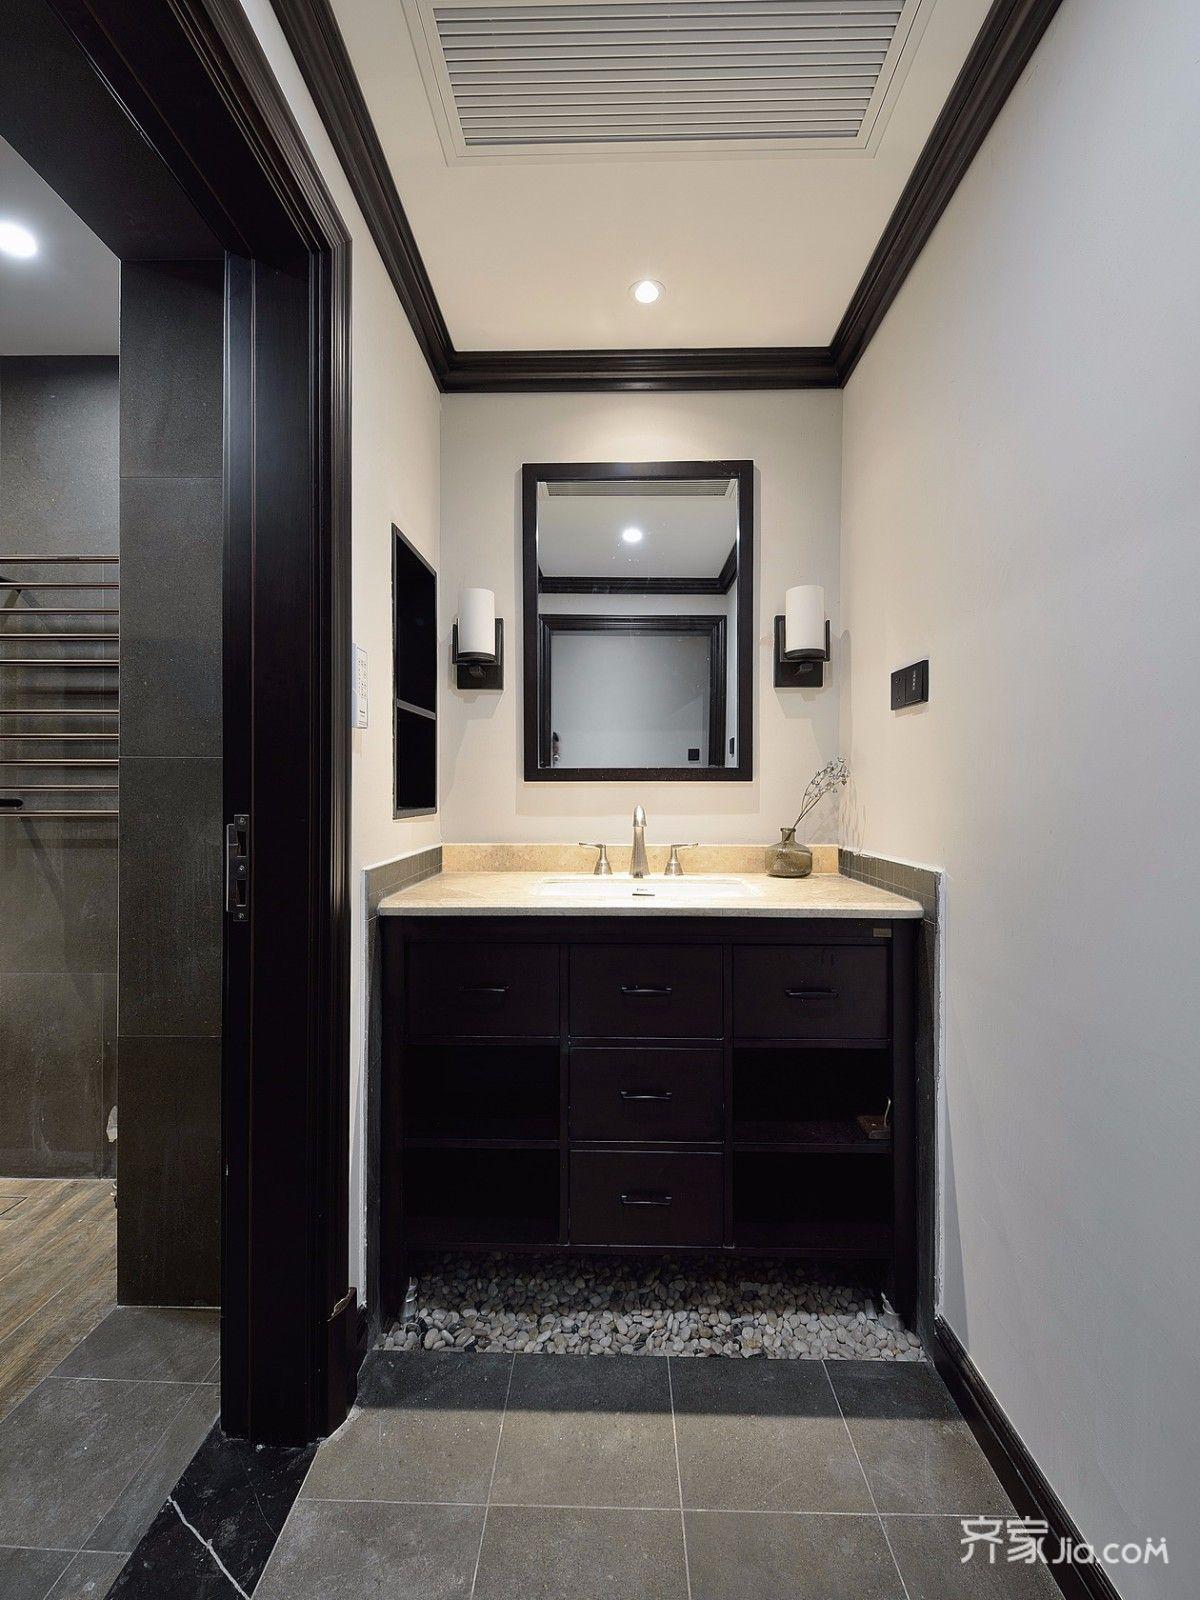 三居室混搭风格装修浴室柜设计图